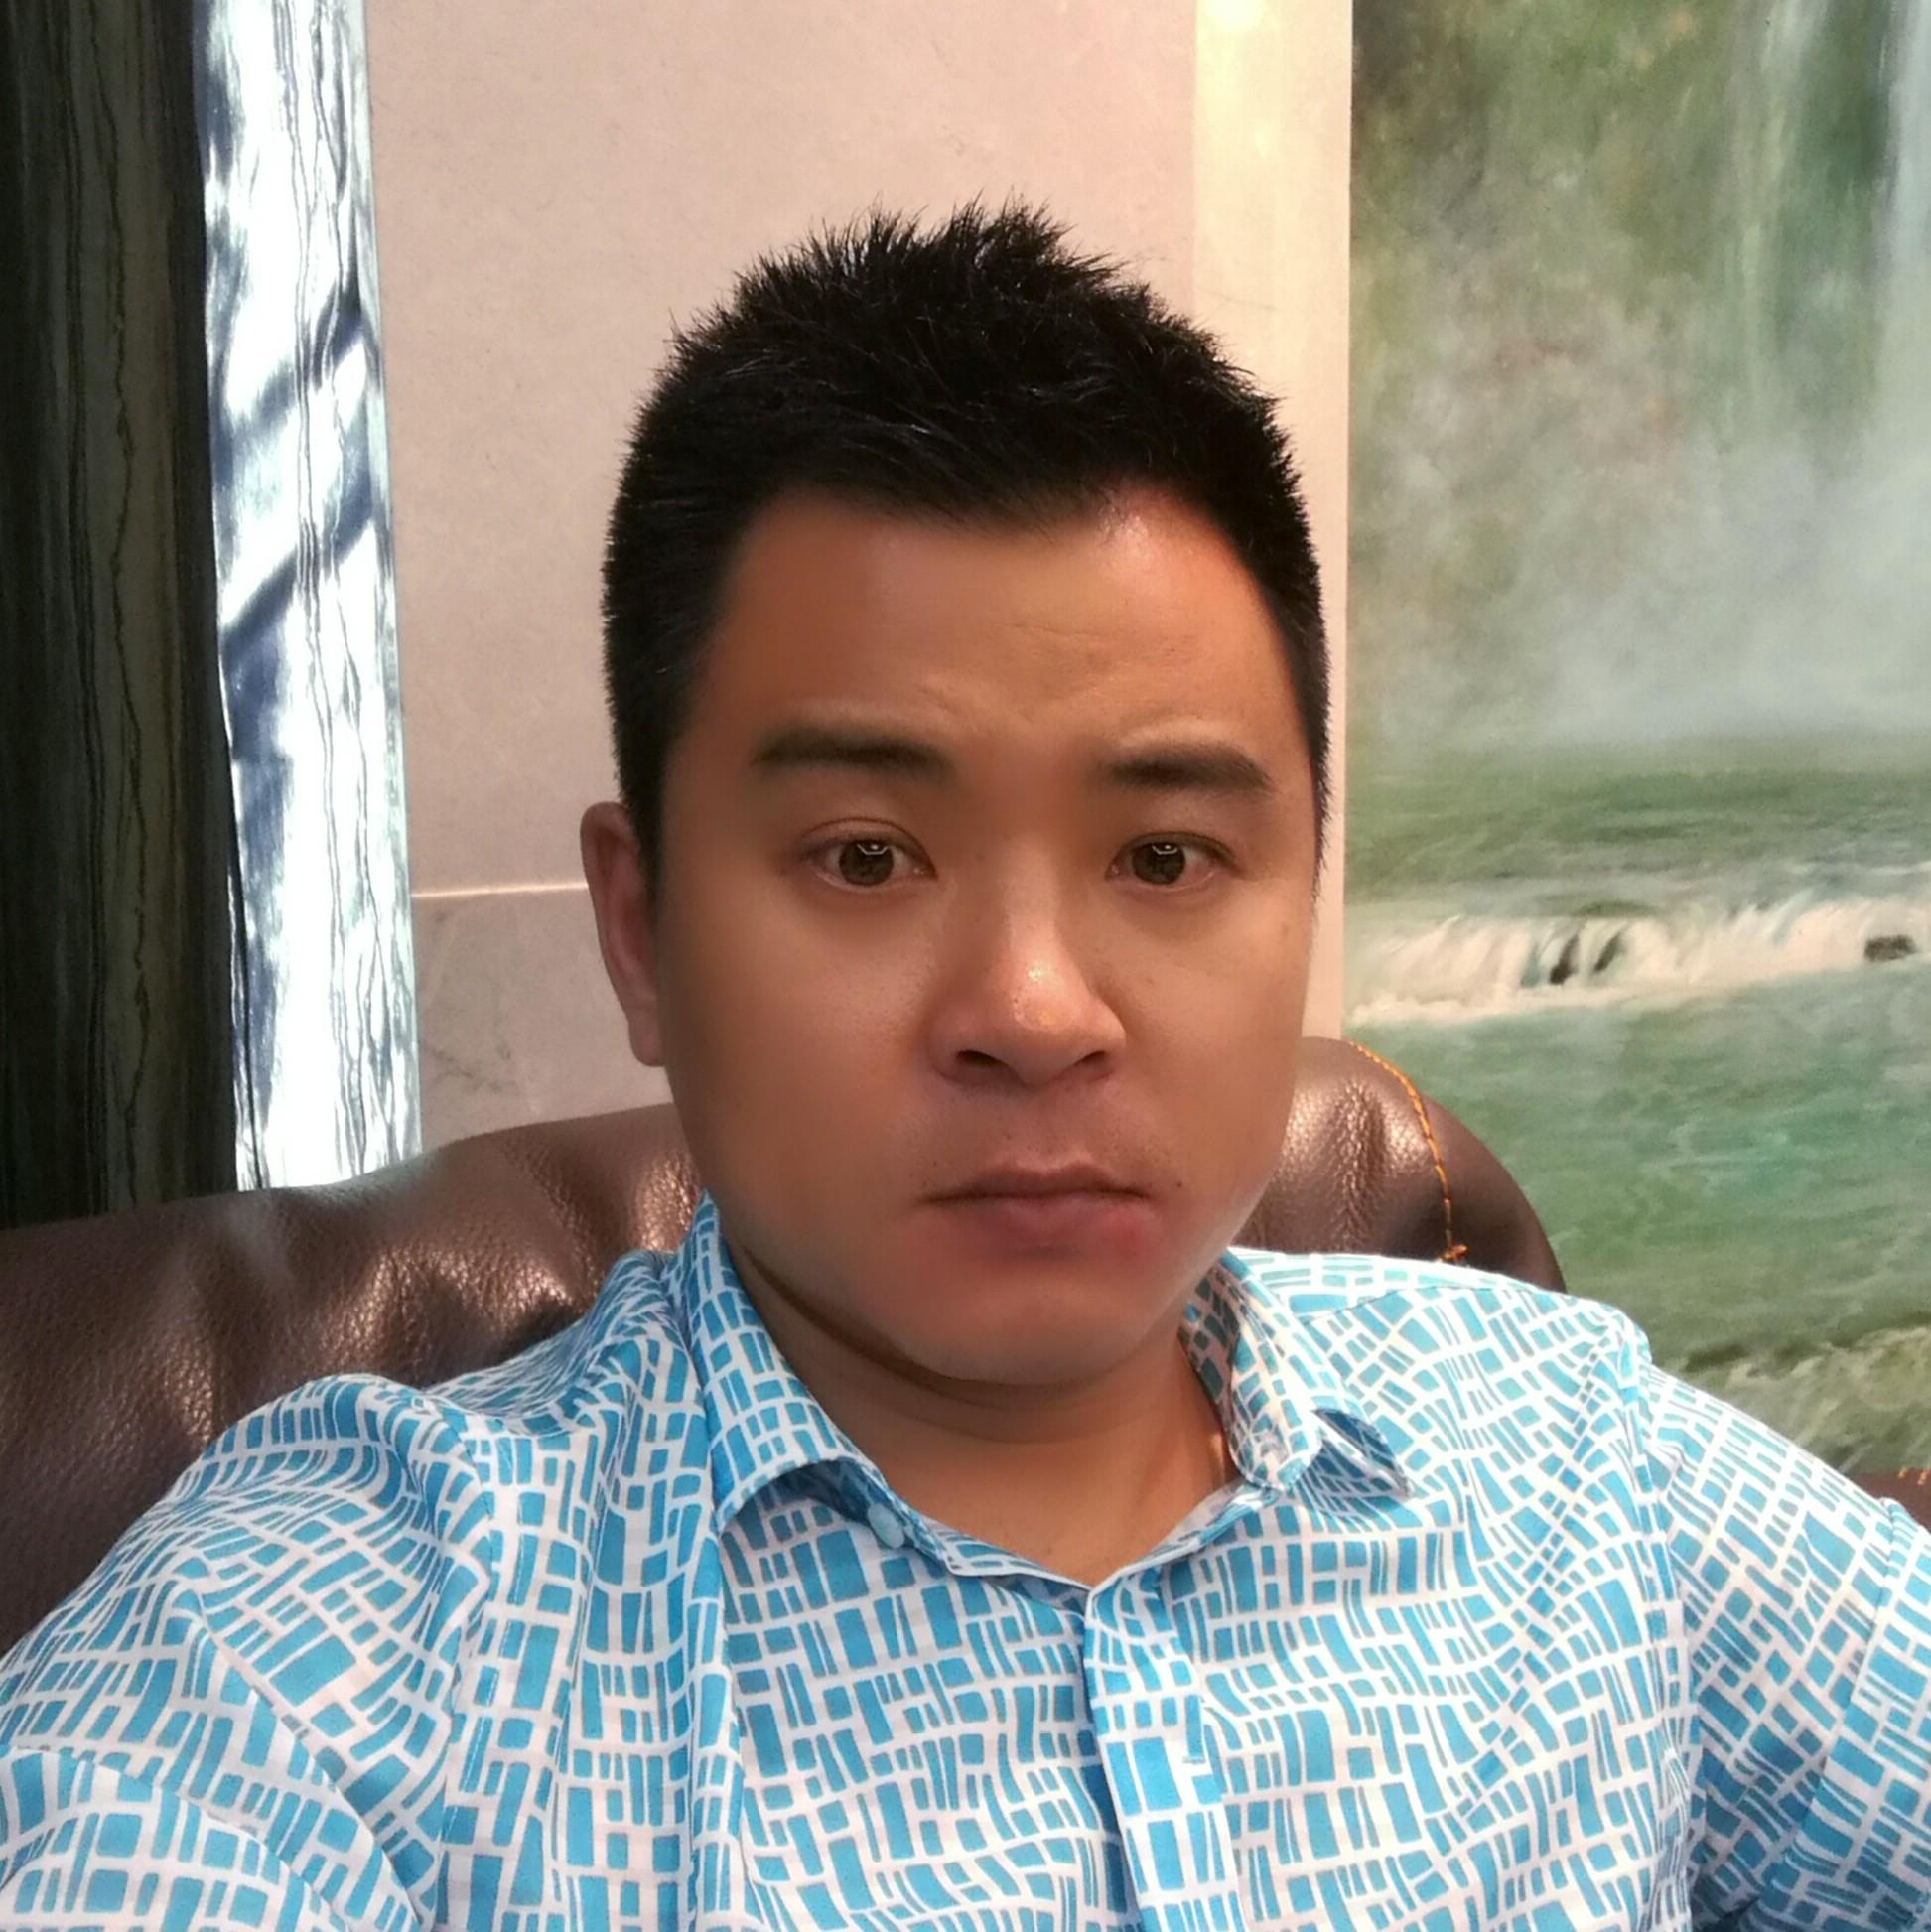 讯必隆(深圳)科技有限公司CEO王力军照片